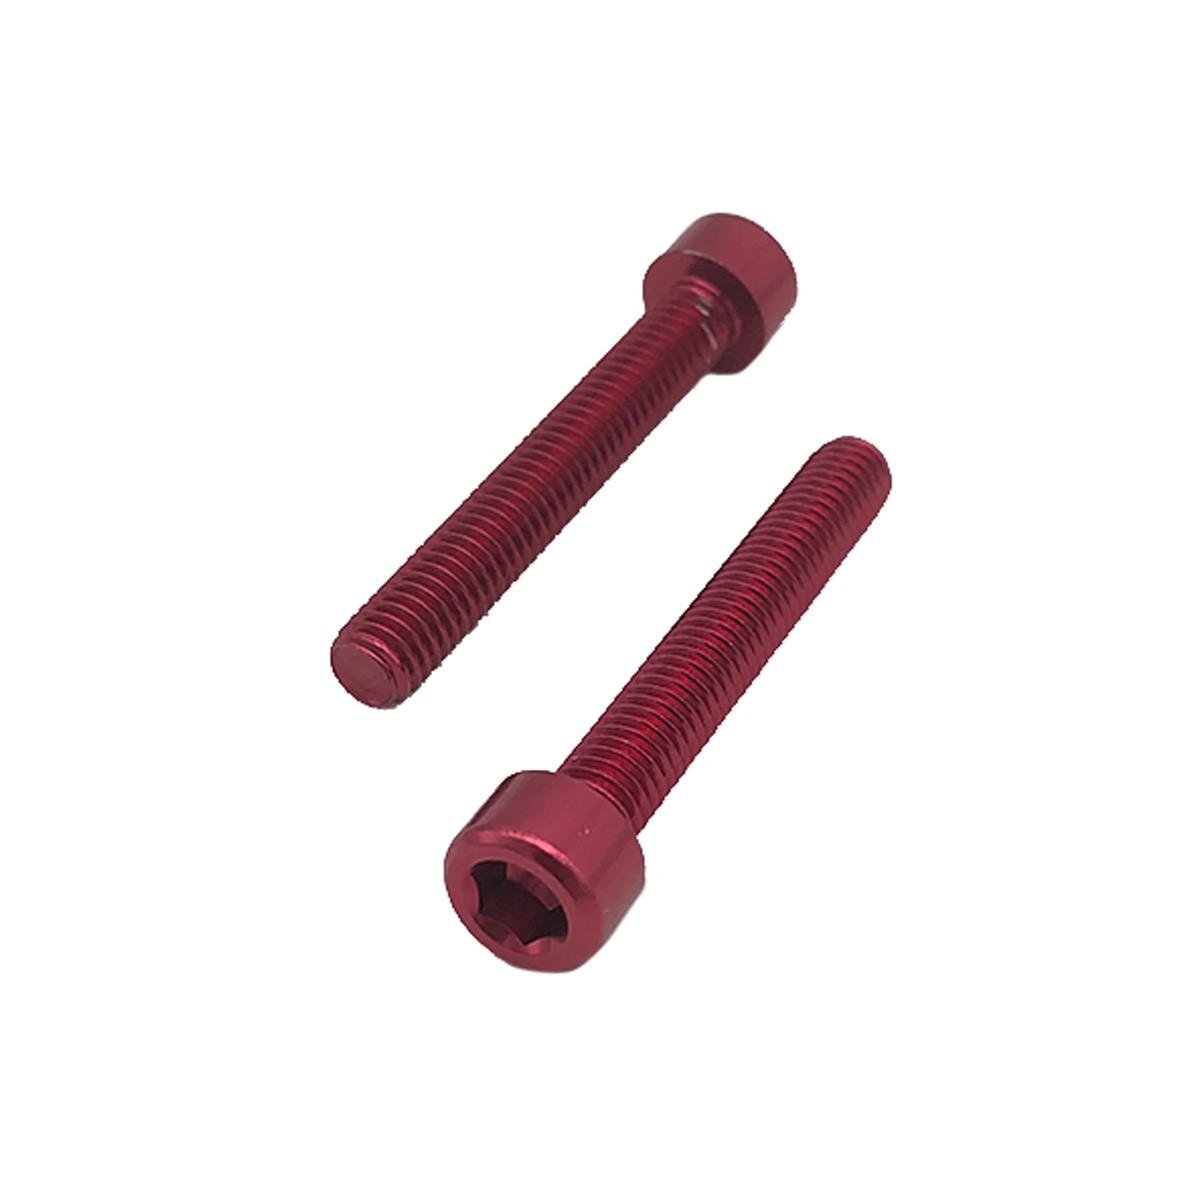 Parafuso Allen de Aluminio Socket Cap M6 x 50mm Vermelho